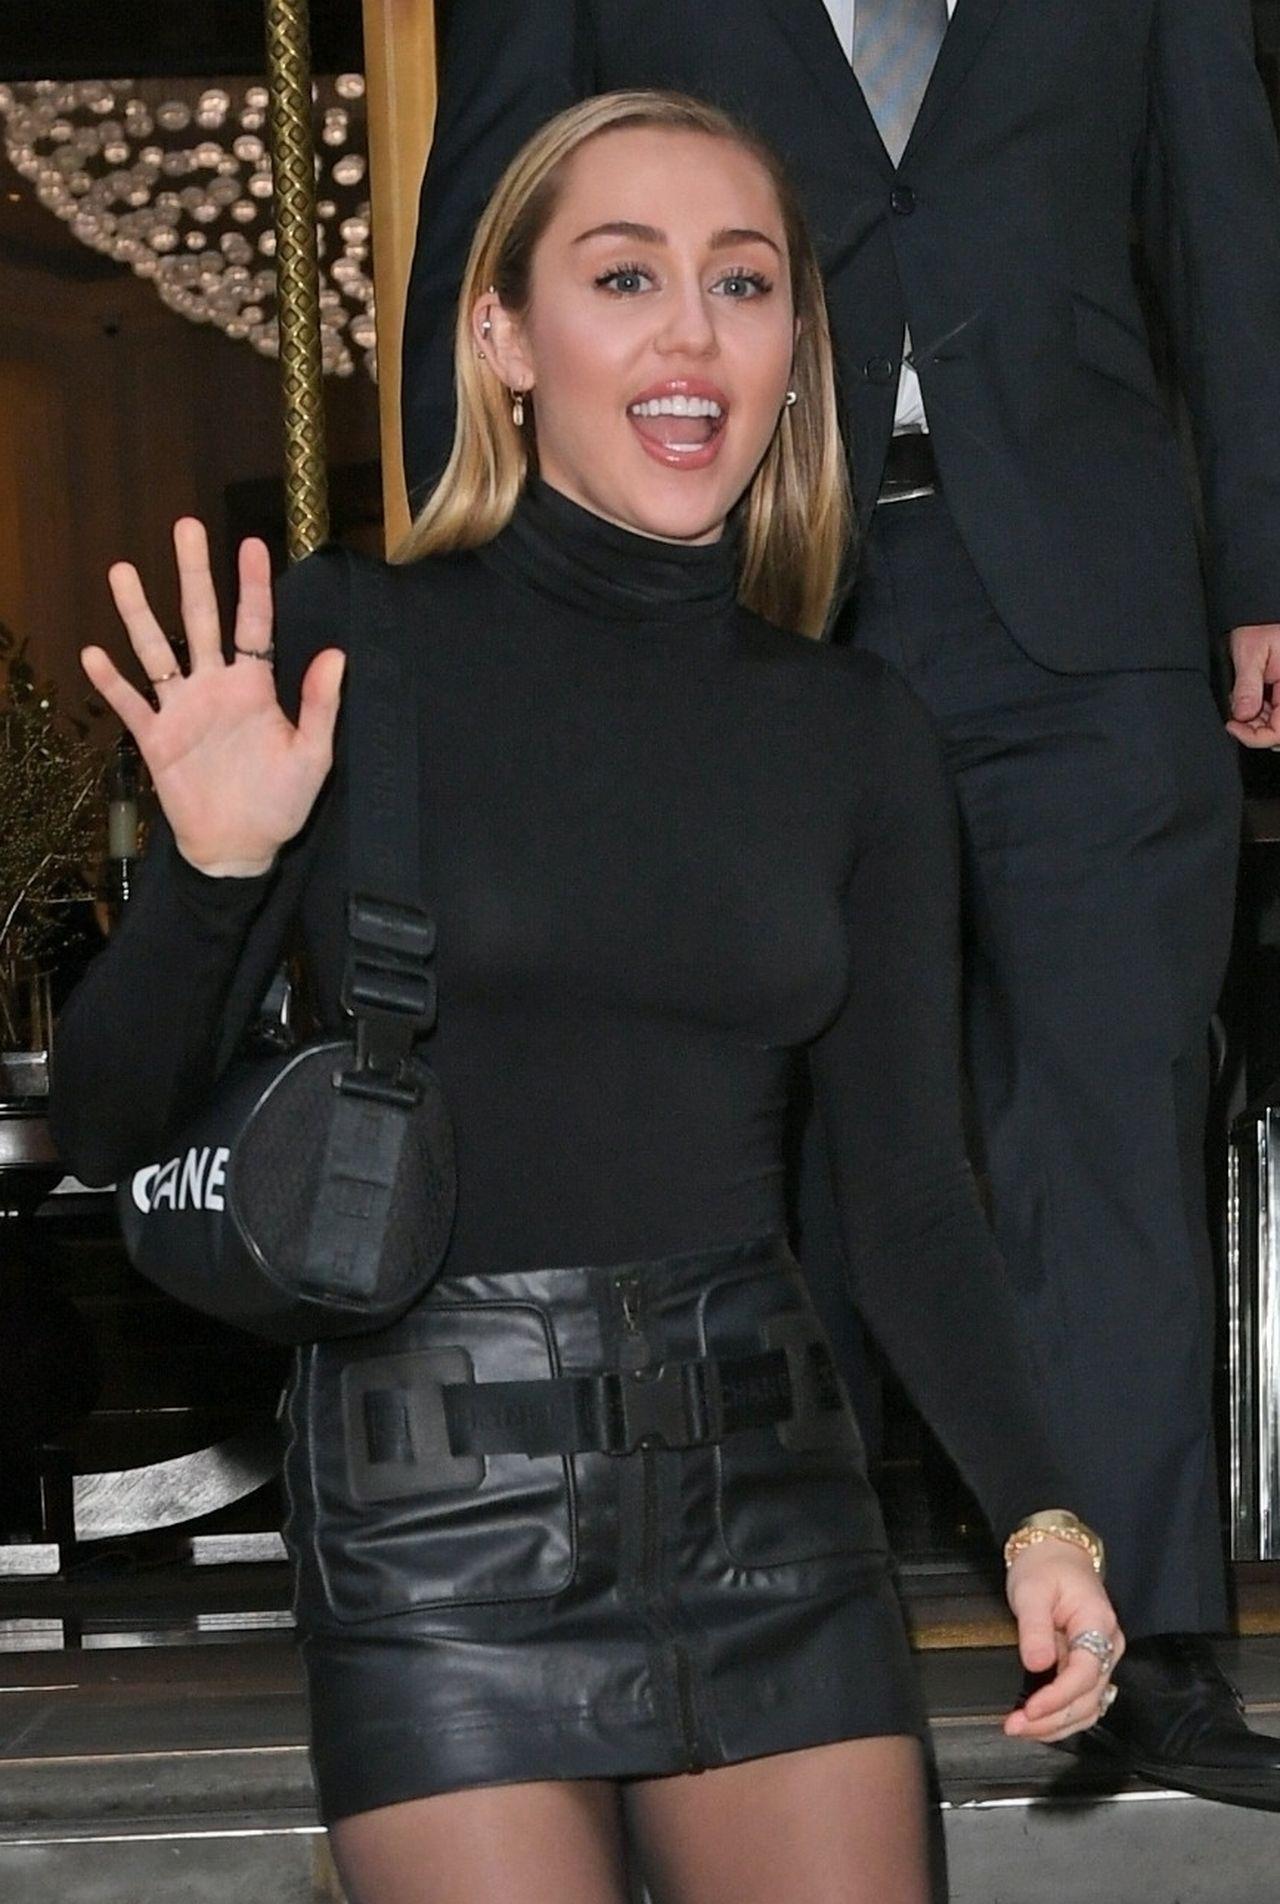 Miley Cyrus JUŻ PO ŚLUBIE z Liamem Hemsowrthem?!